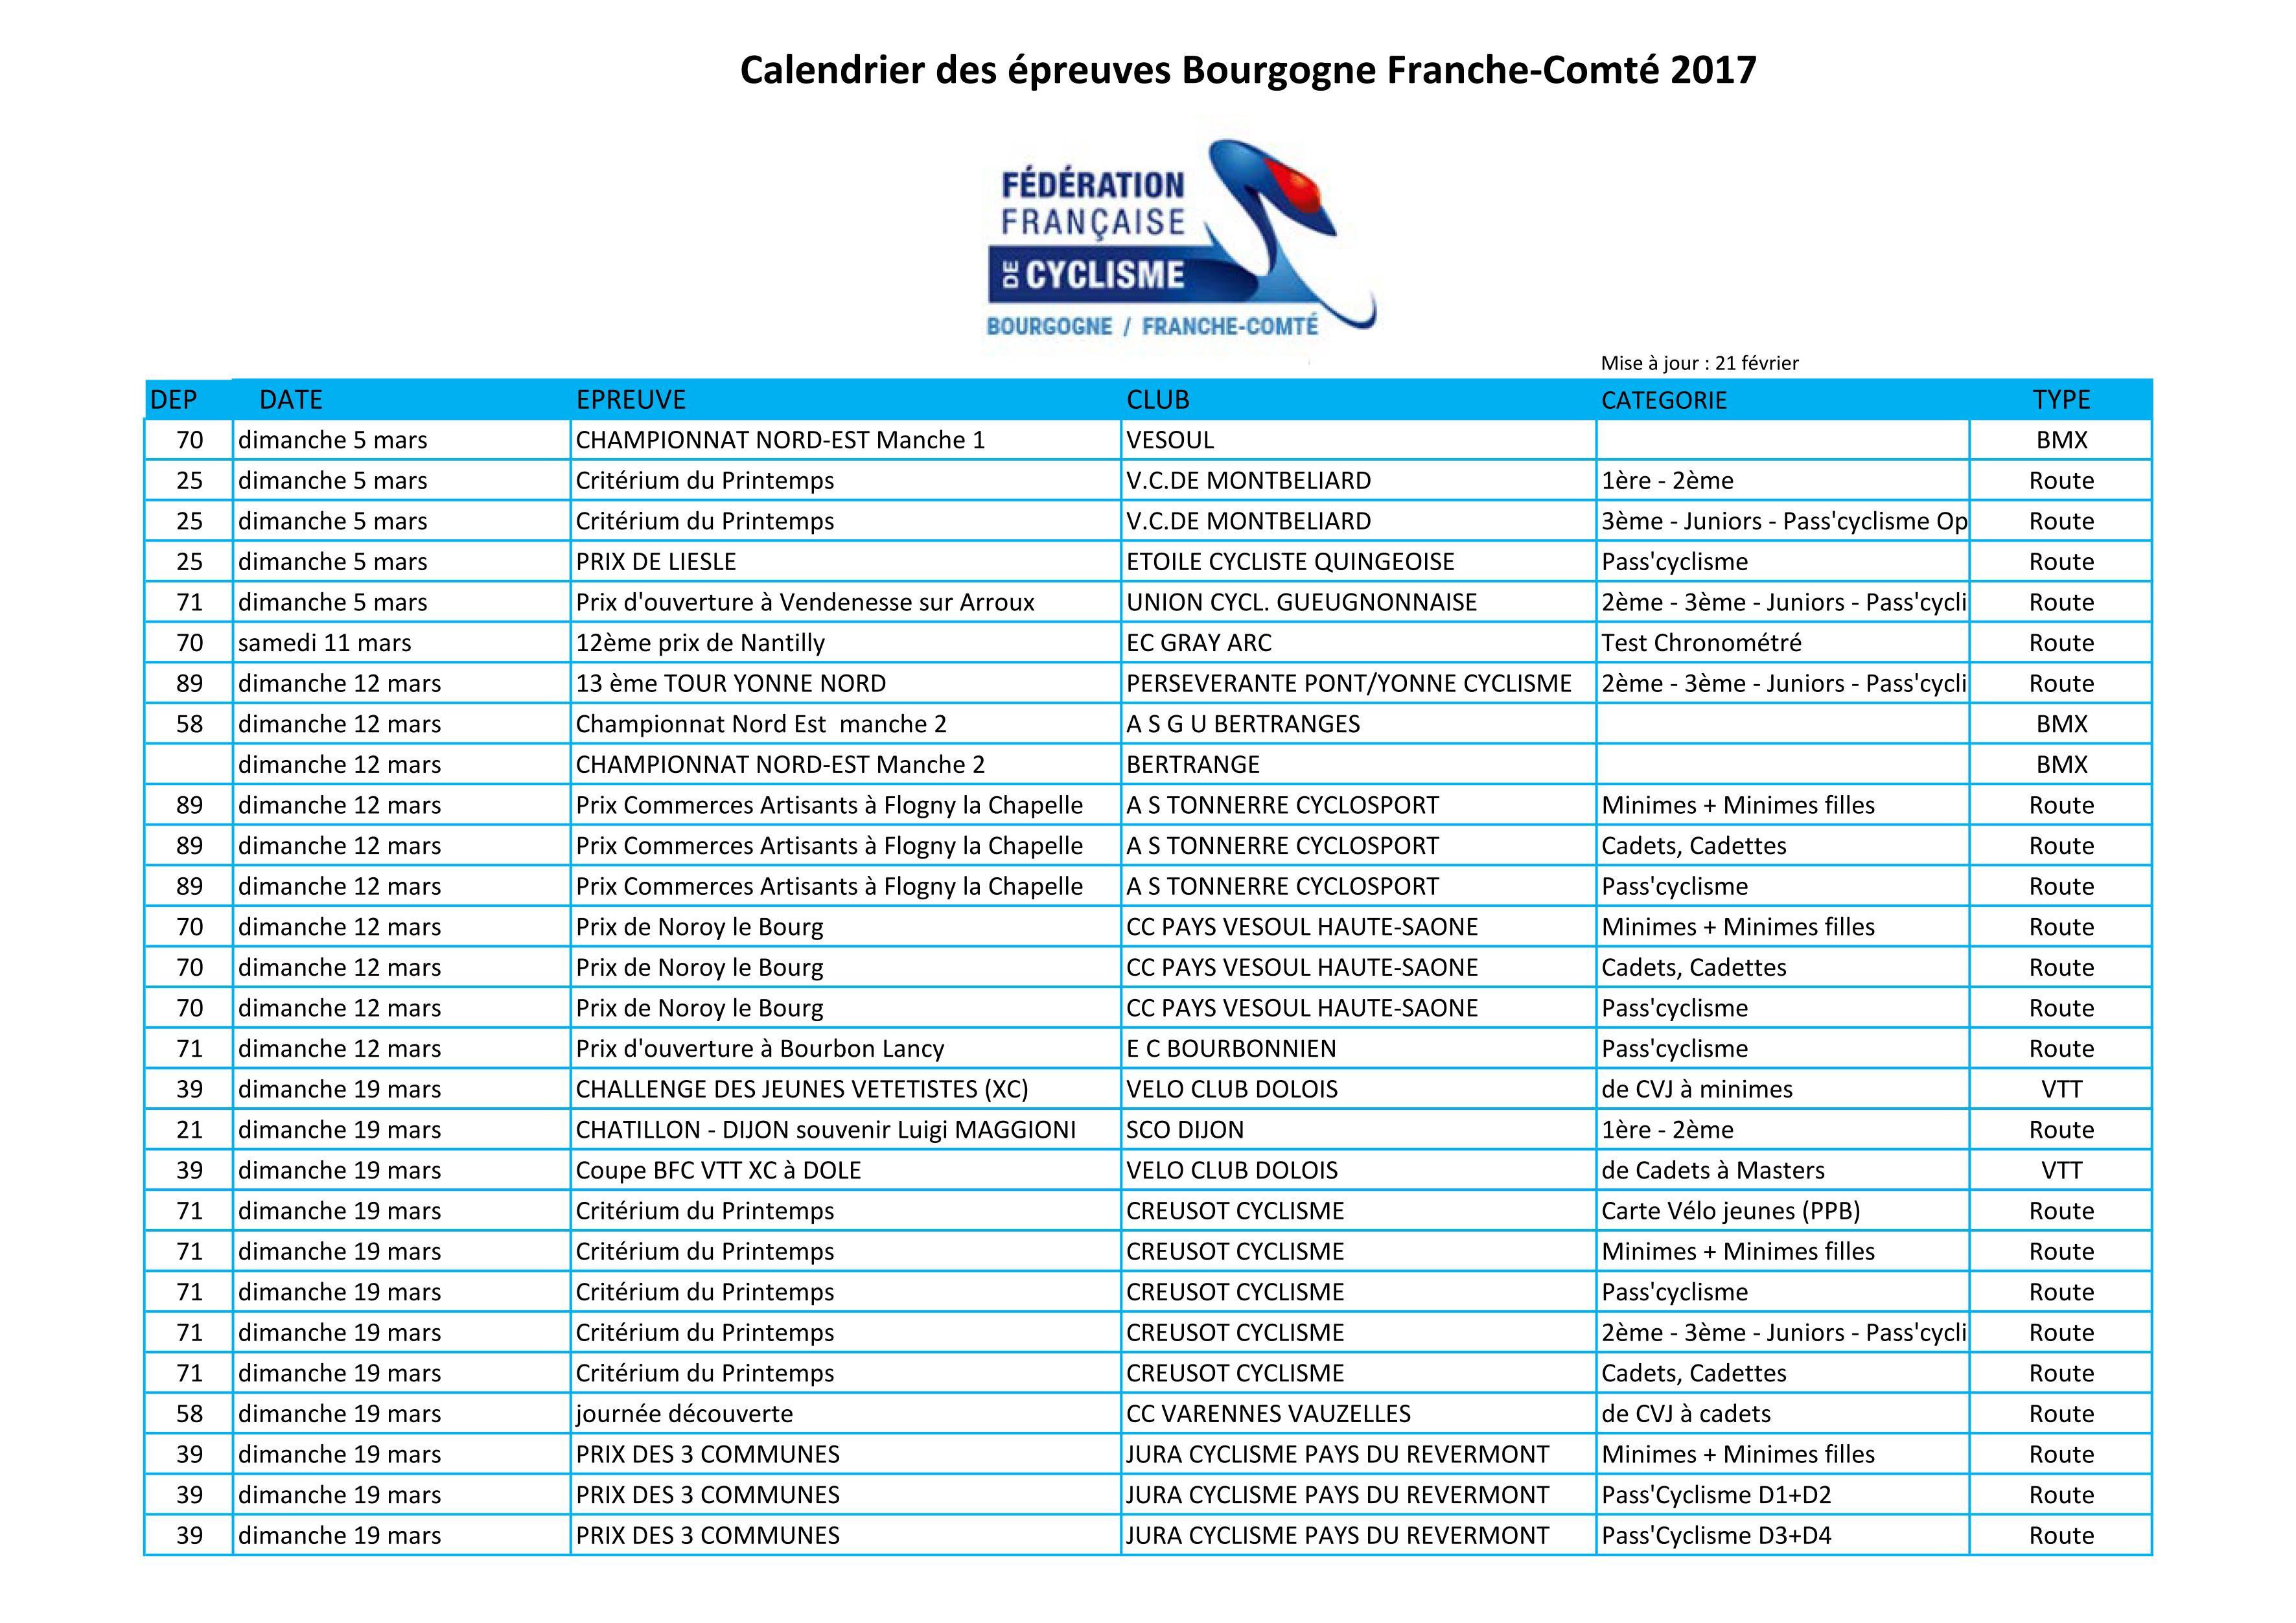 Ffc Bourgogne Calendrier 2020.Ffc Bourgogne Calendrier 2020 Calendrier 2020 Modeltreindagen